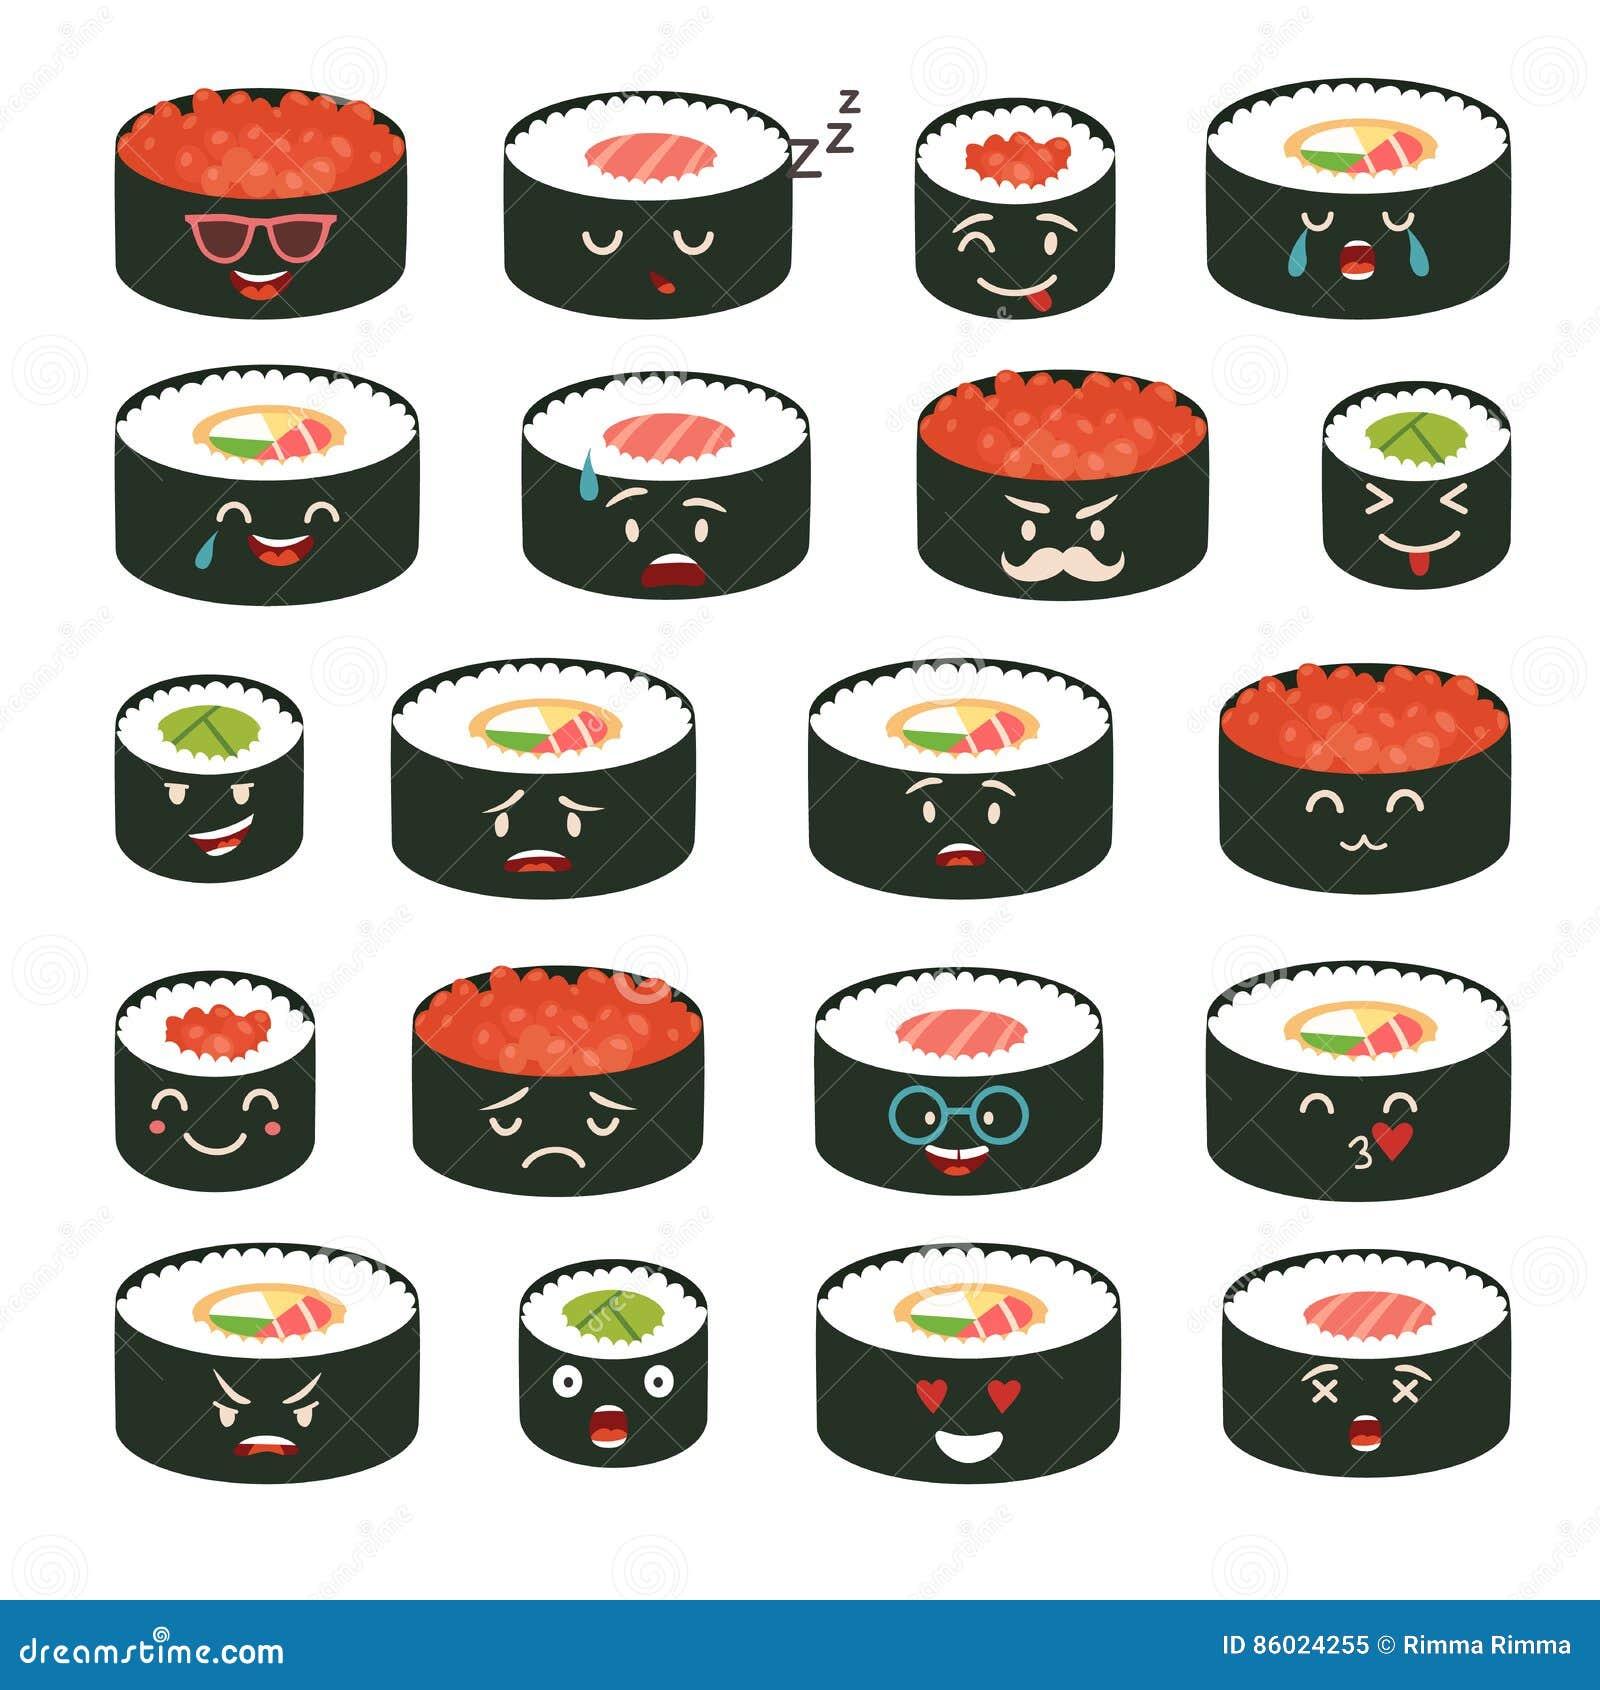 Fruit Sushi Food Network